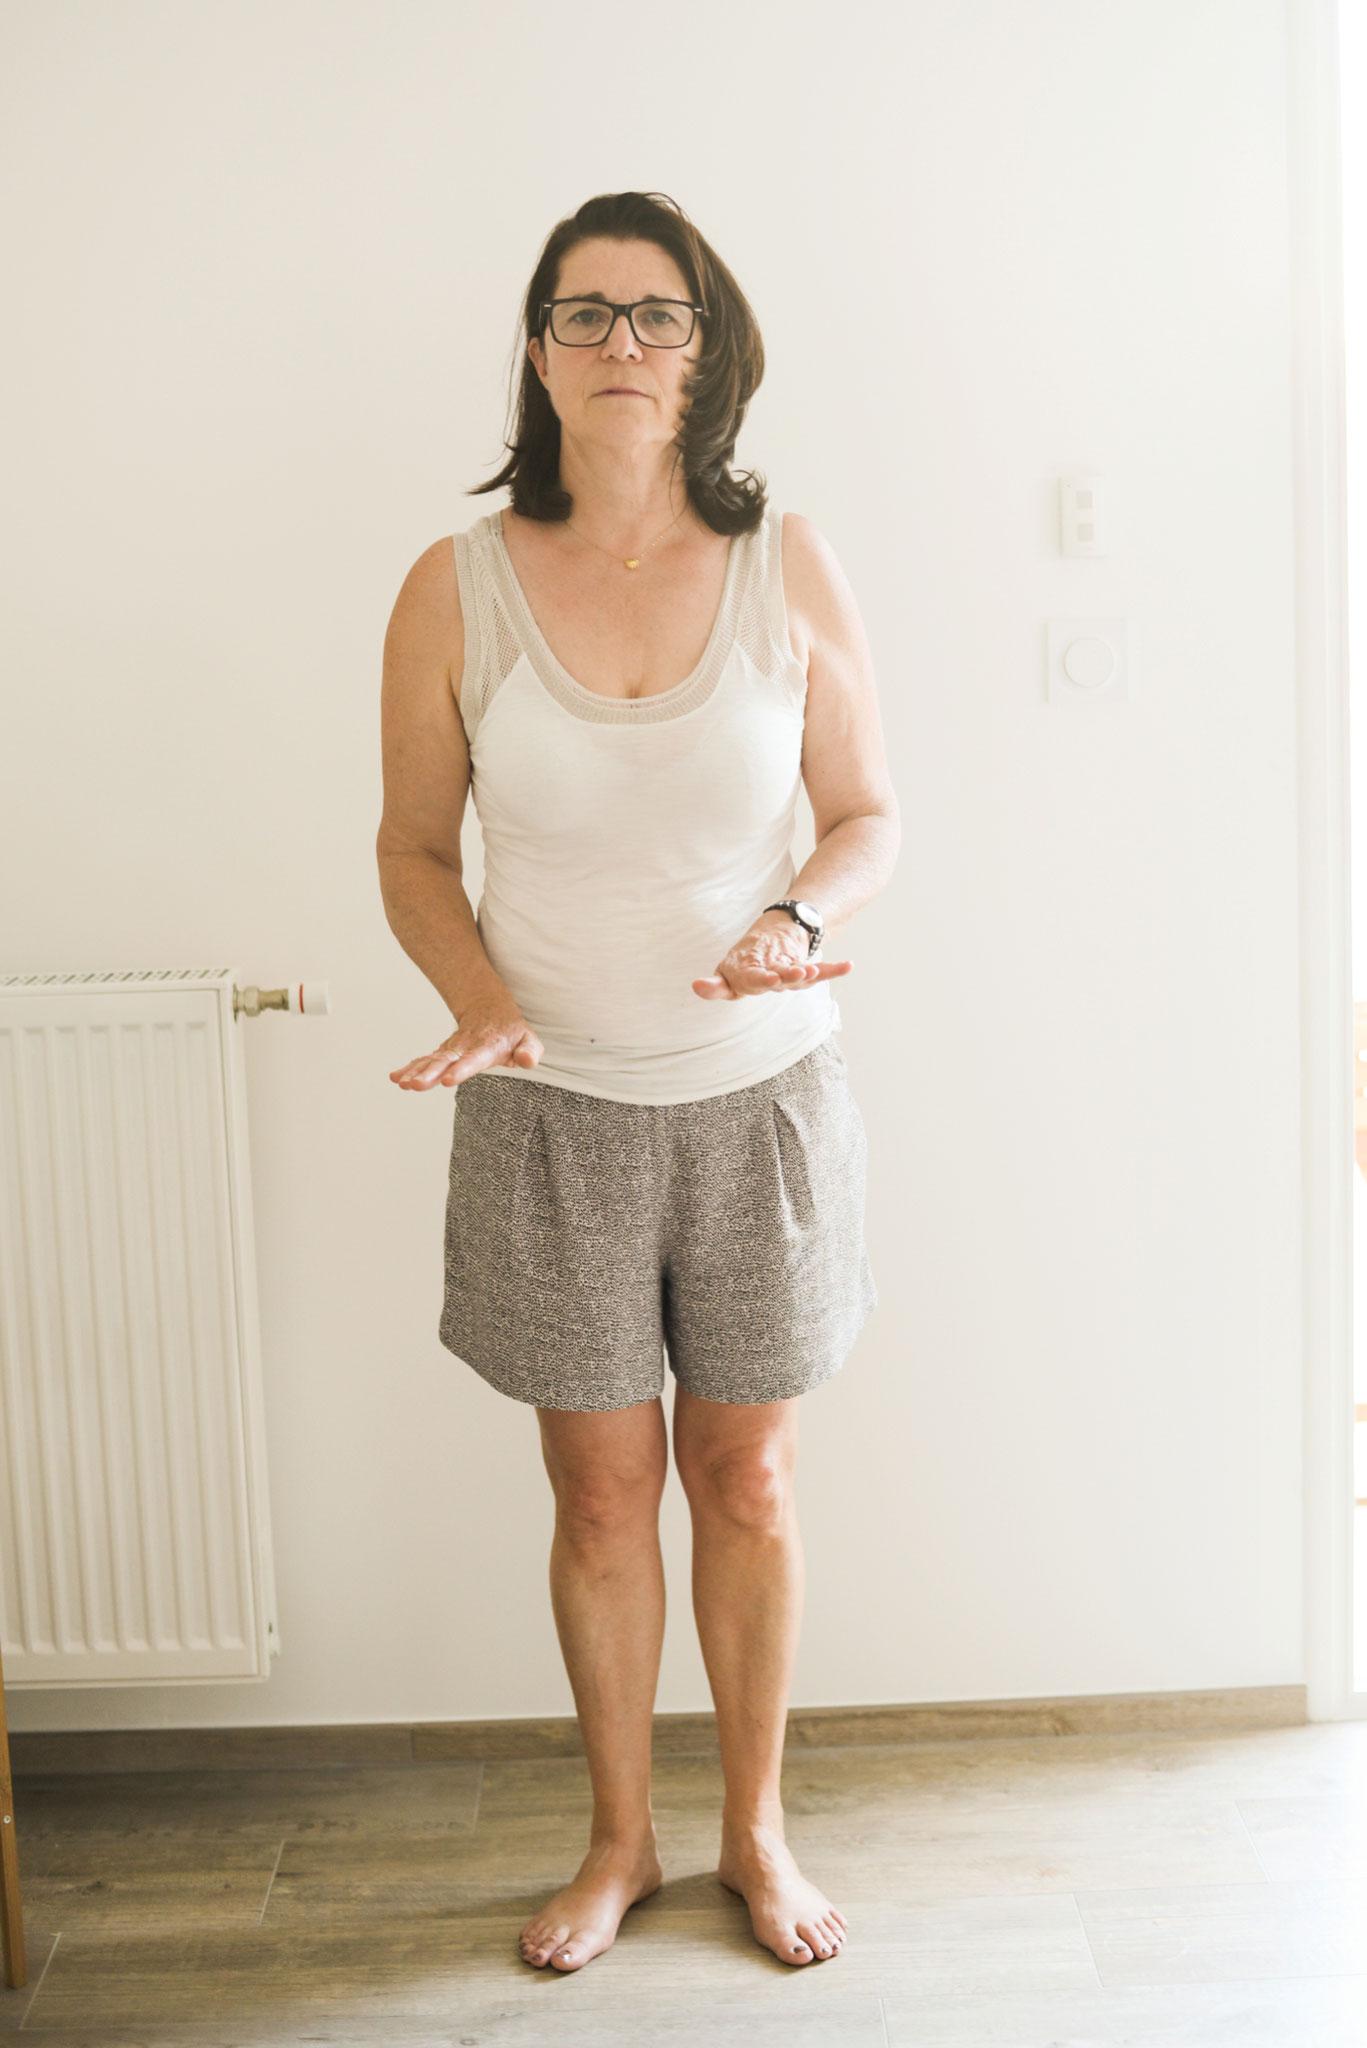 test de positionnement proprioceptif des pieds